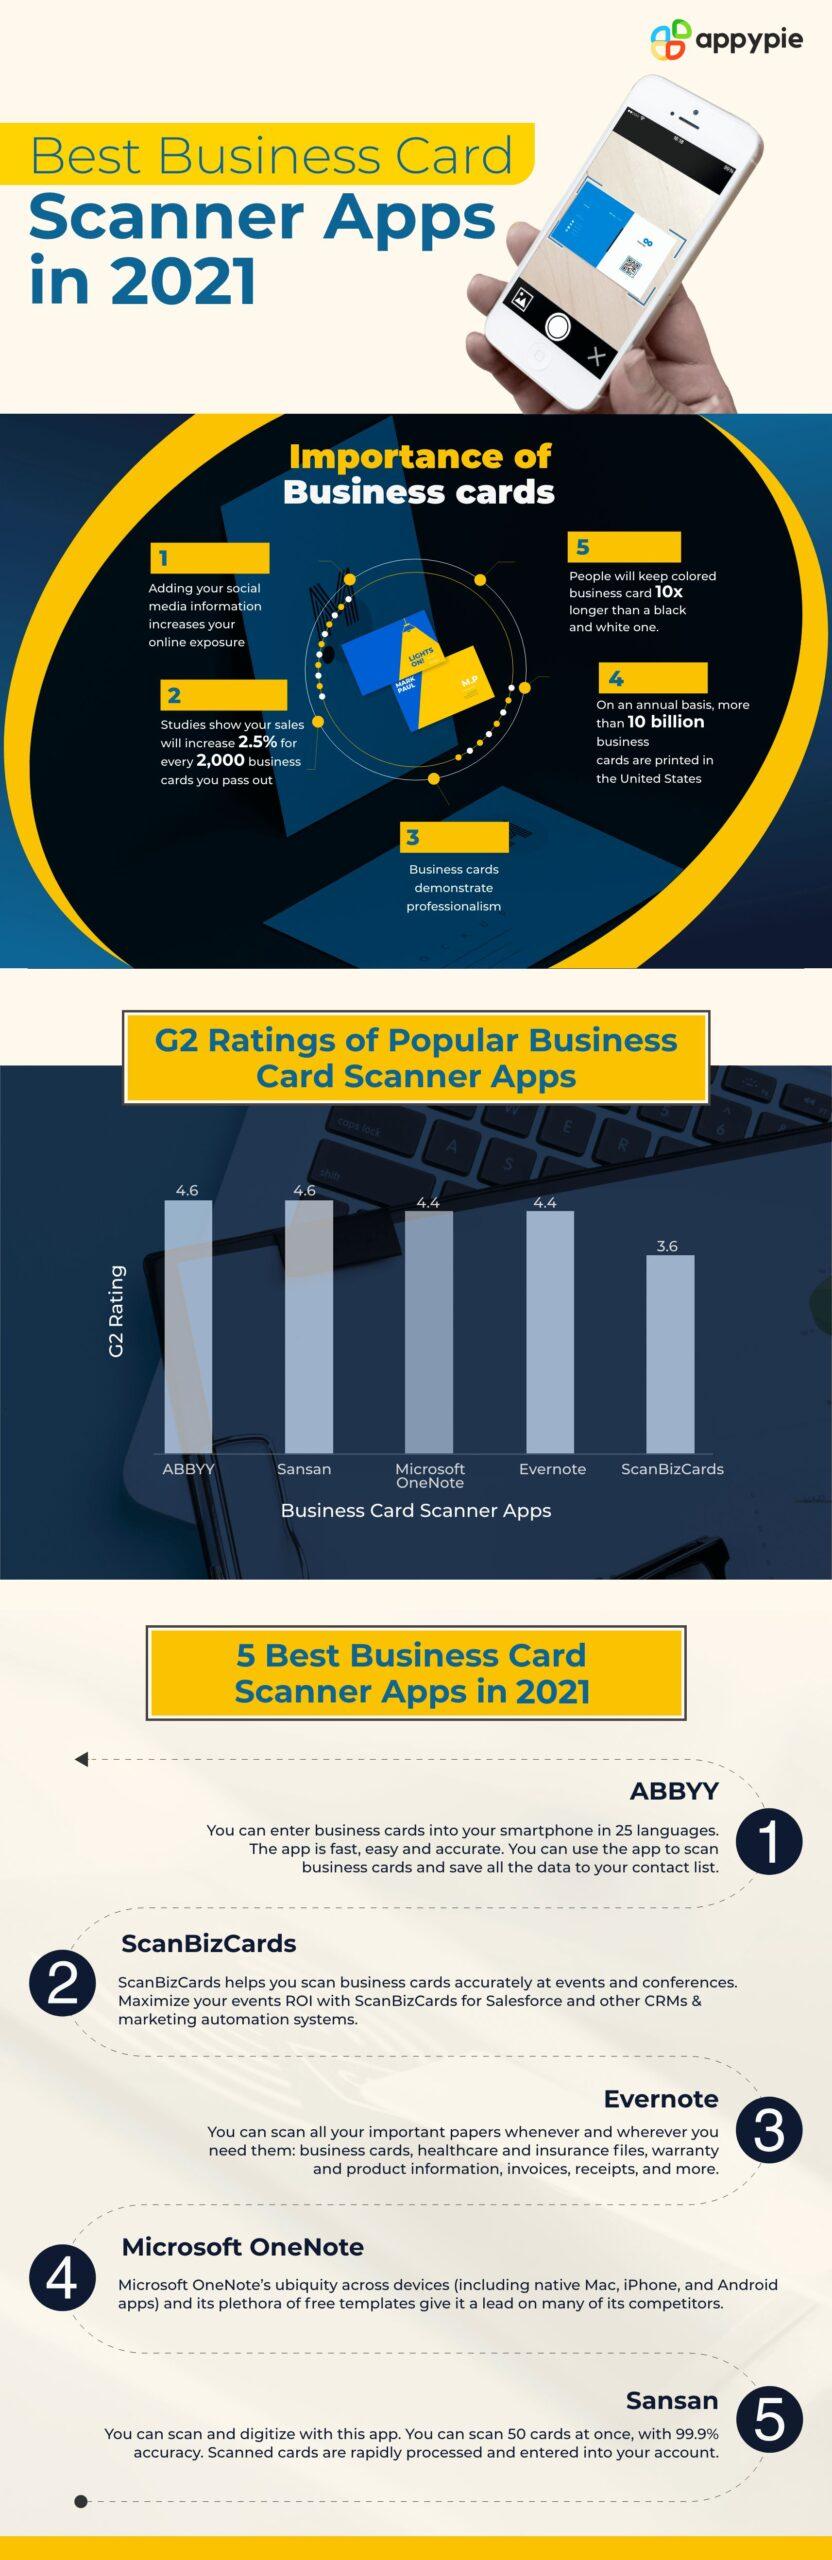 Best Business Card scanner apps in 2021 - Appy Pie